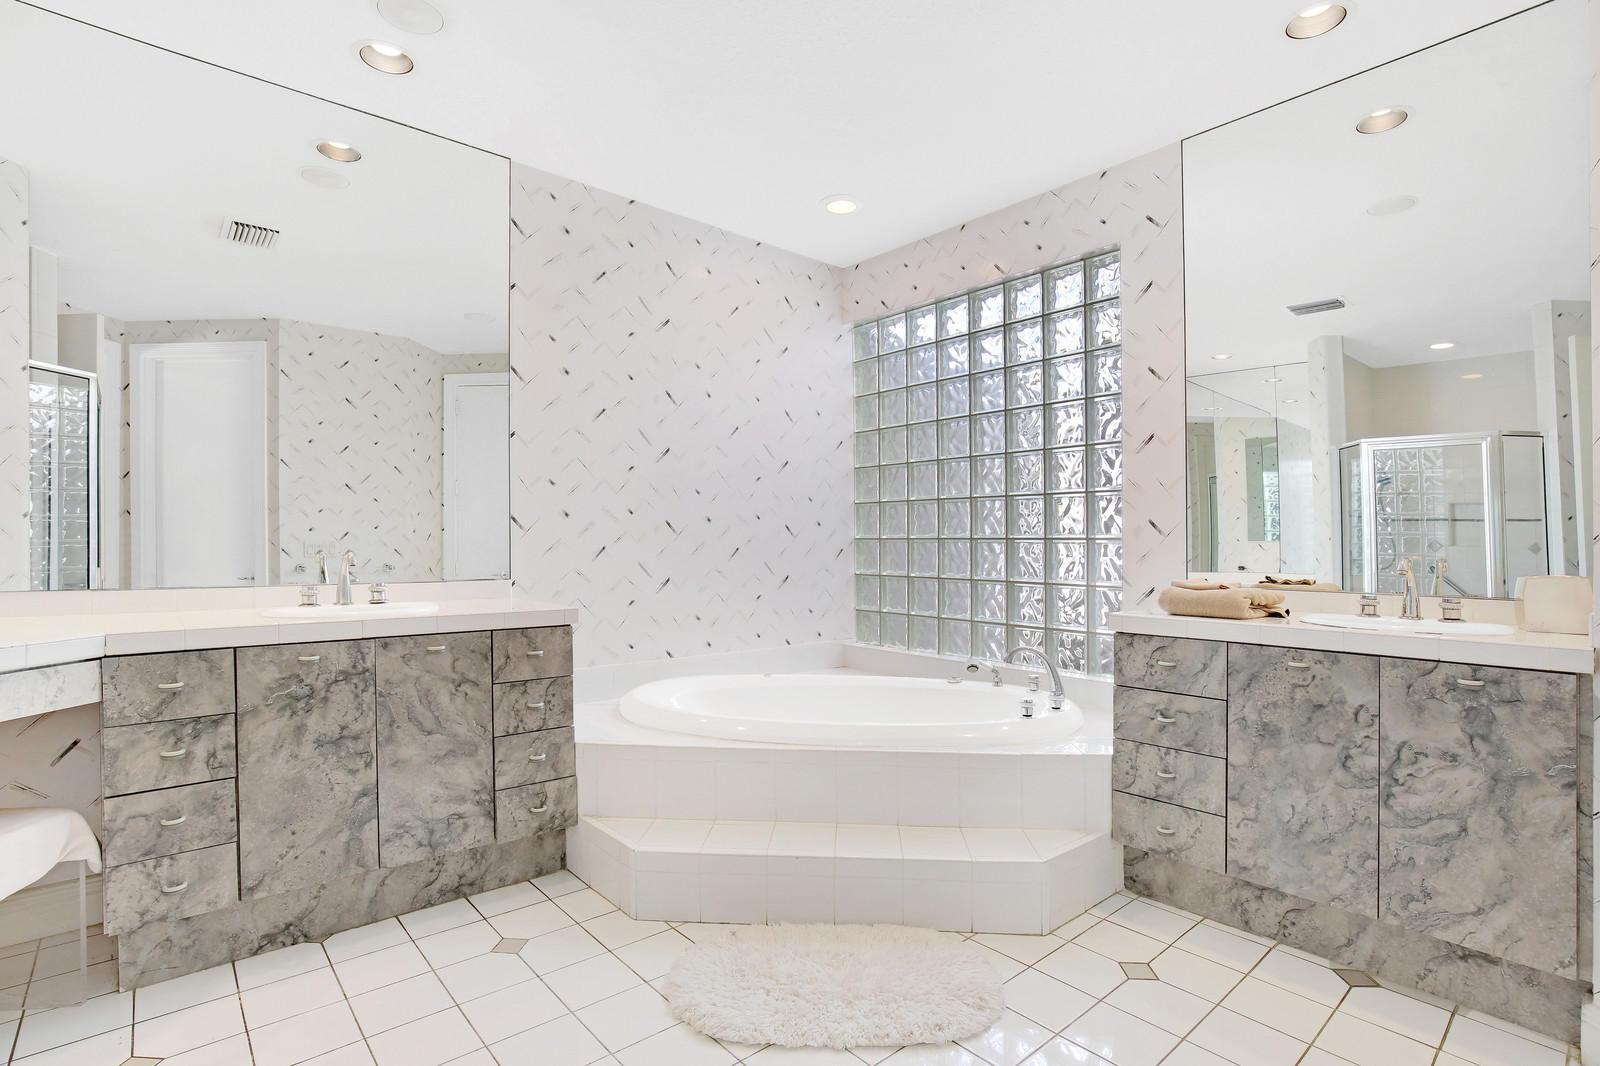 3366 Degas Drive, Palm Beach Gardens, Florida 33410, 3 Bedrooms Bedrooms, ,4.1 BathroomsBathrooms,A,Single family,Degas,RX-10454277